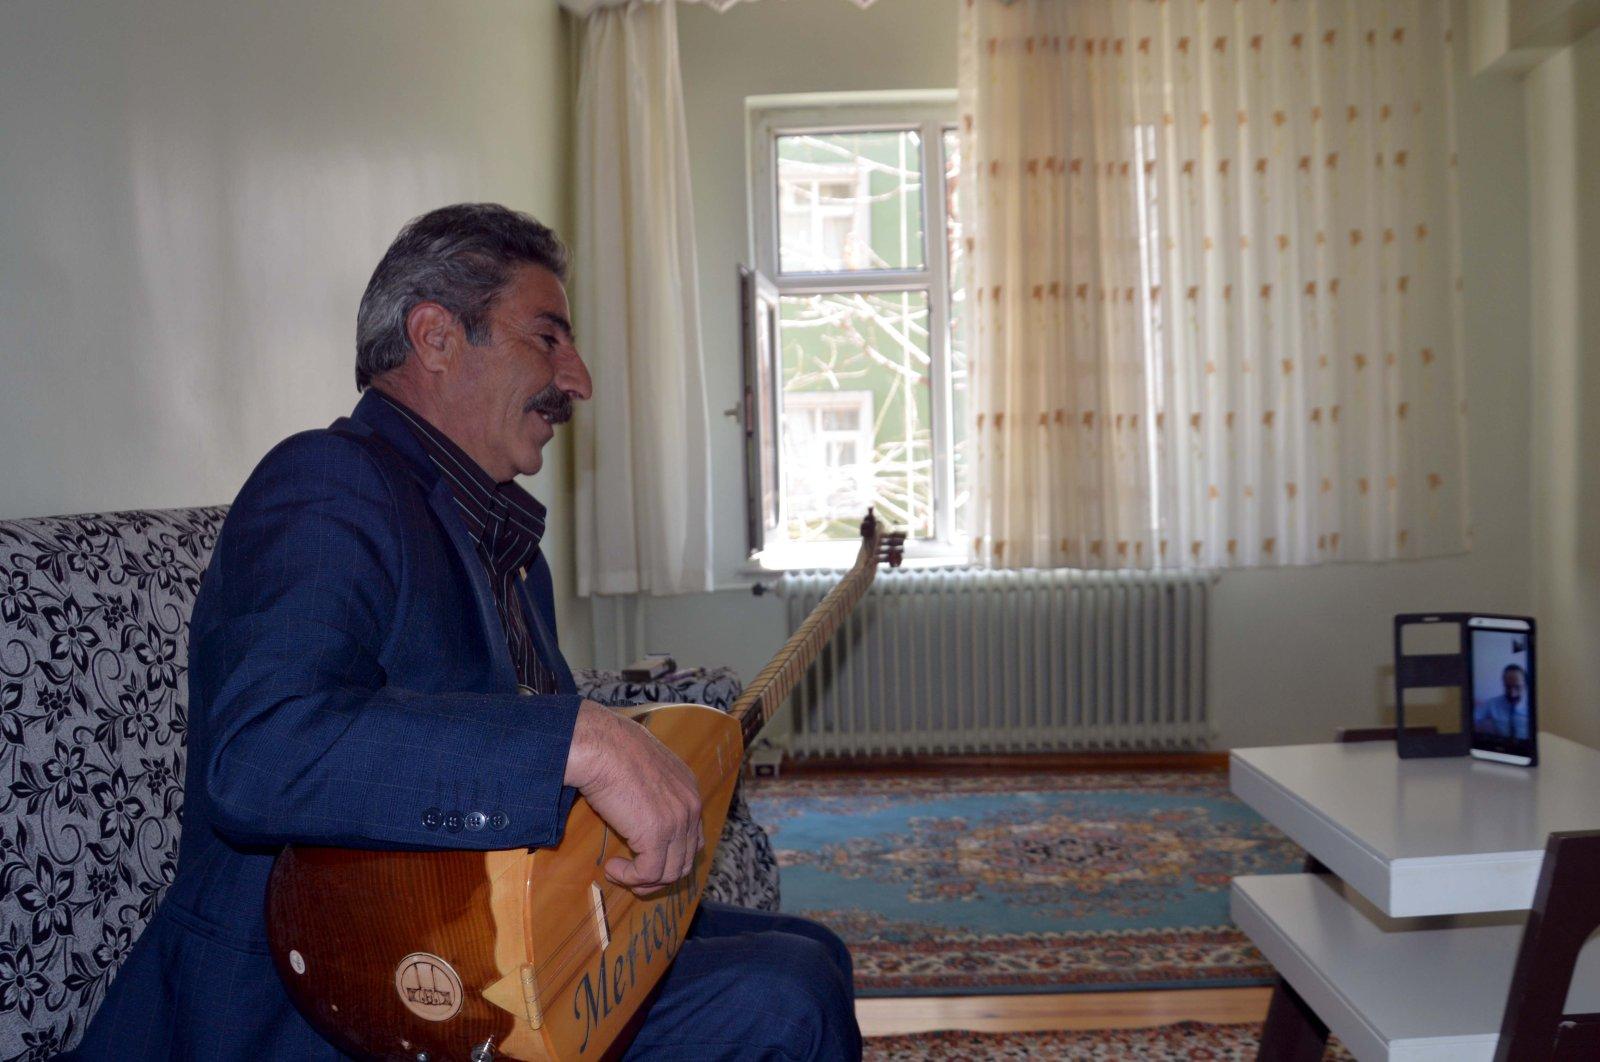 Mevlüt Mertoğlu indulges in an online call-and-response duet at home. (AA Photo)